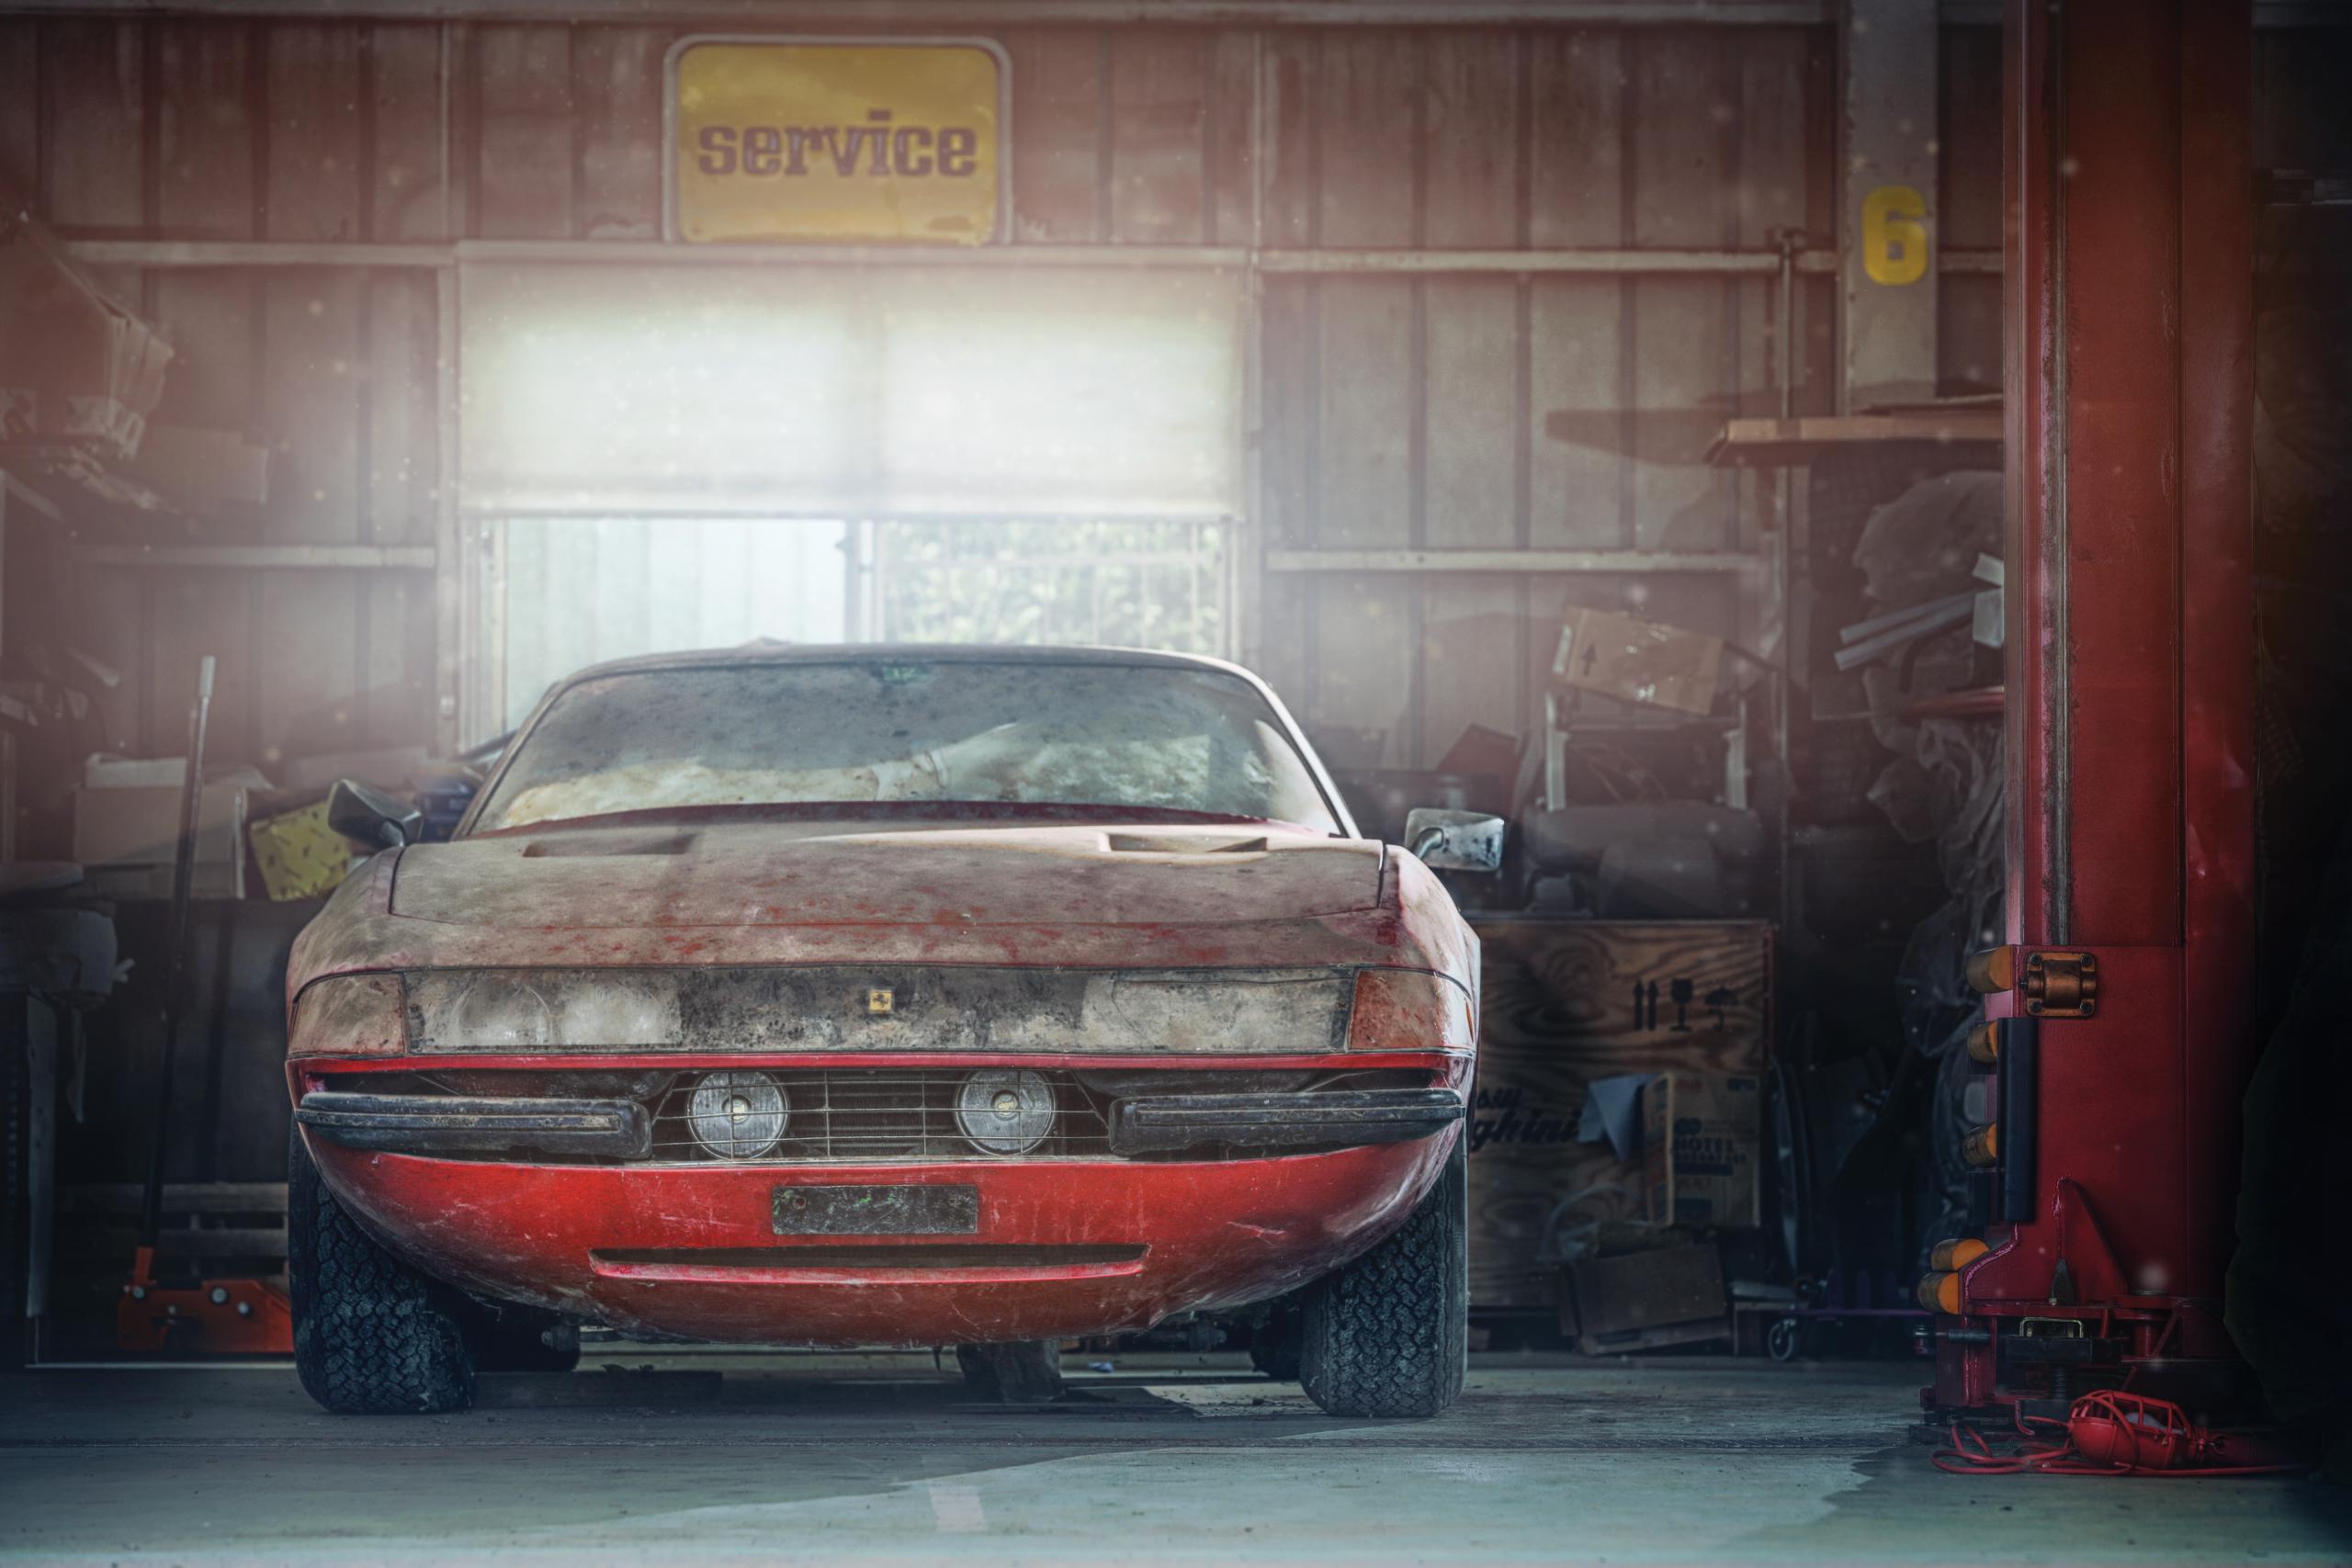 Ferrari 365 GTB/4 'Daytona' barn find front